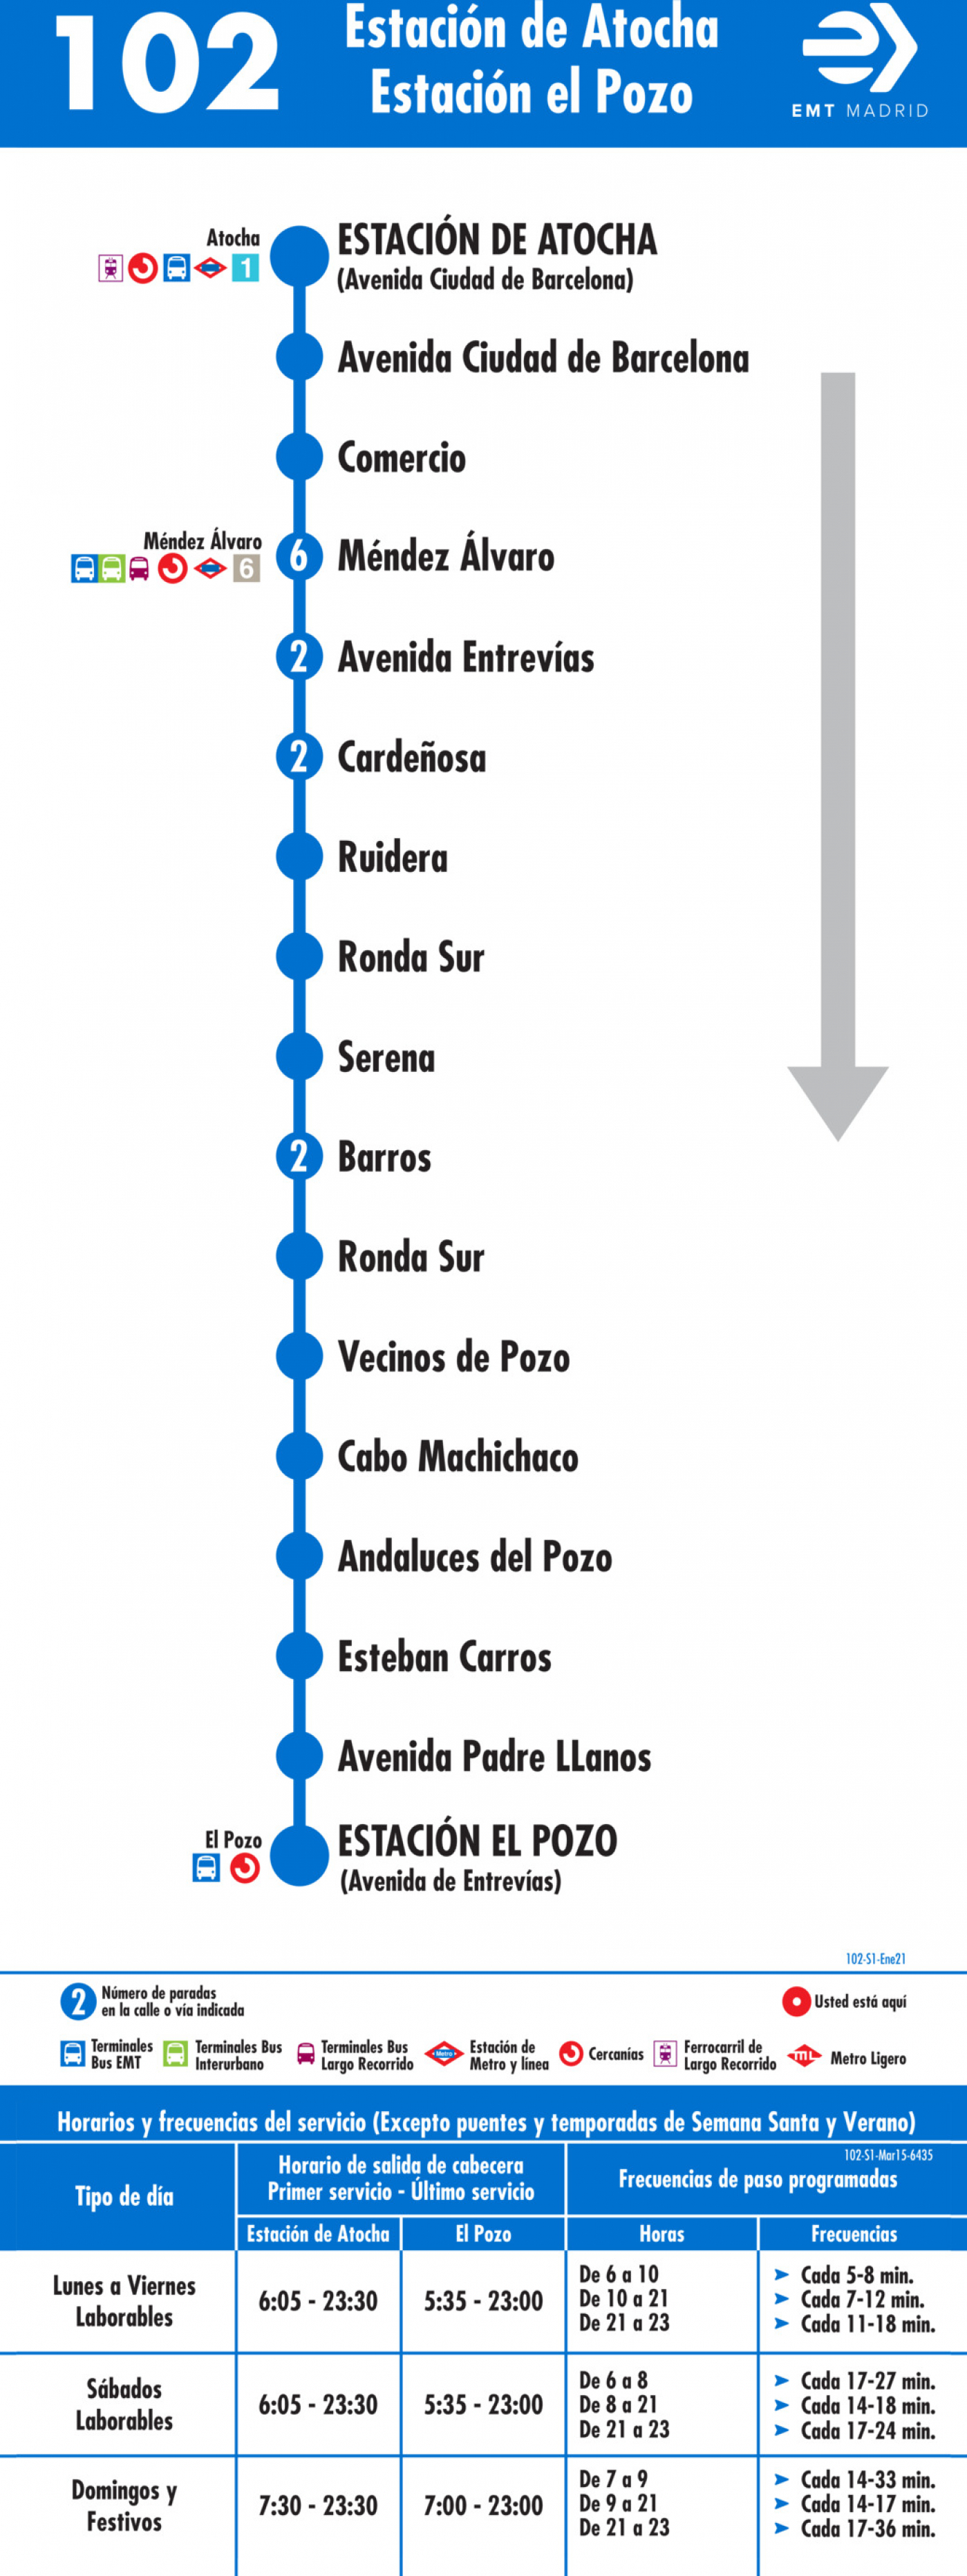 Tabla de horarios y frecuencias de paso en sentido ida Línea 102: Atocha - Estación El Pozo